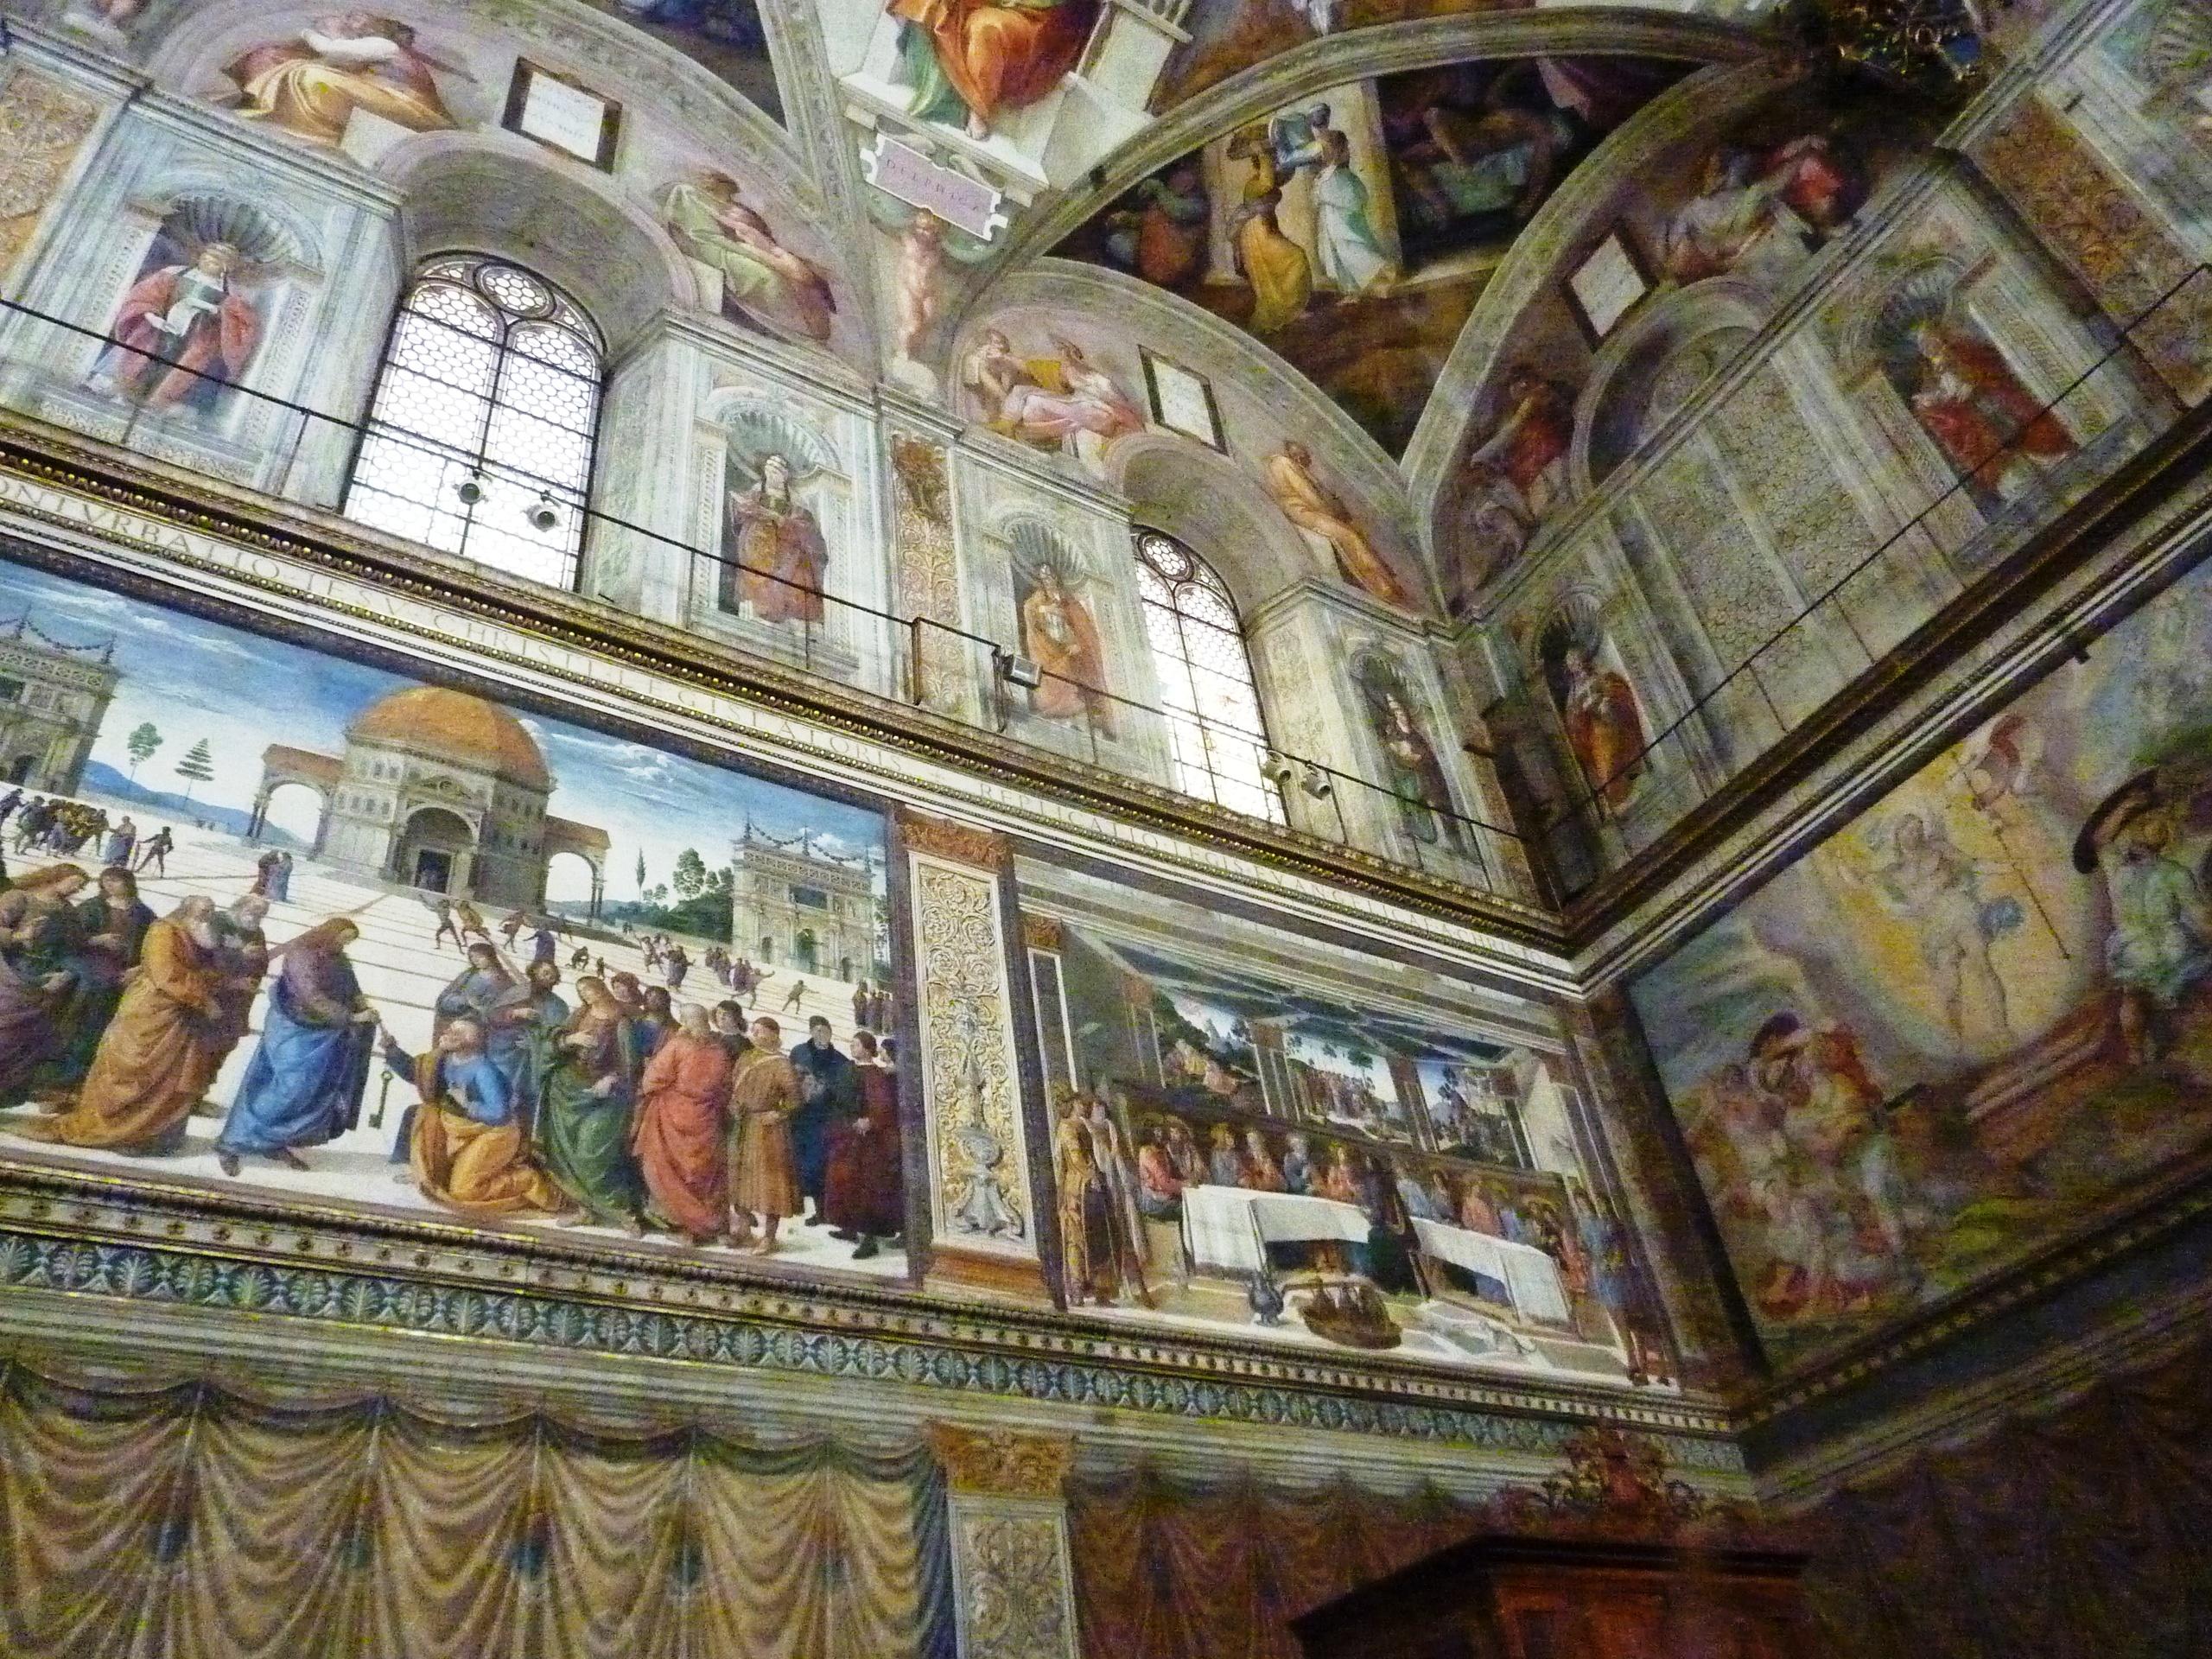 Řím - Vatikán - Sixtinská kaple, zleva dole Předání klíčů sv.Petrovi - Perugino a Poslední večeře - Rosselli